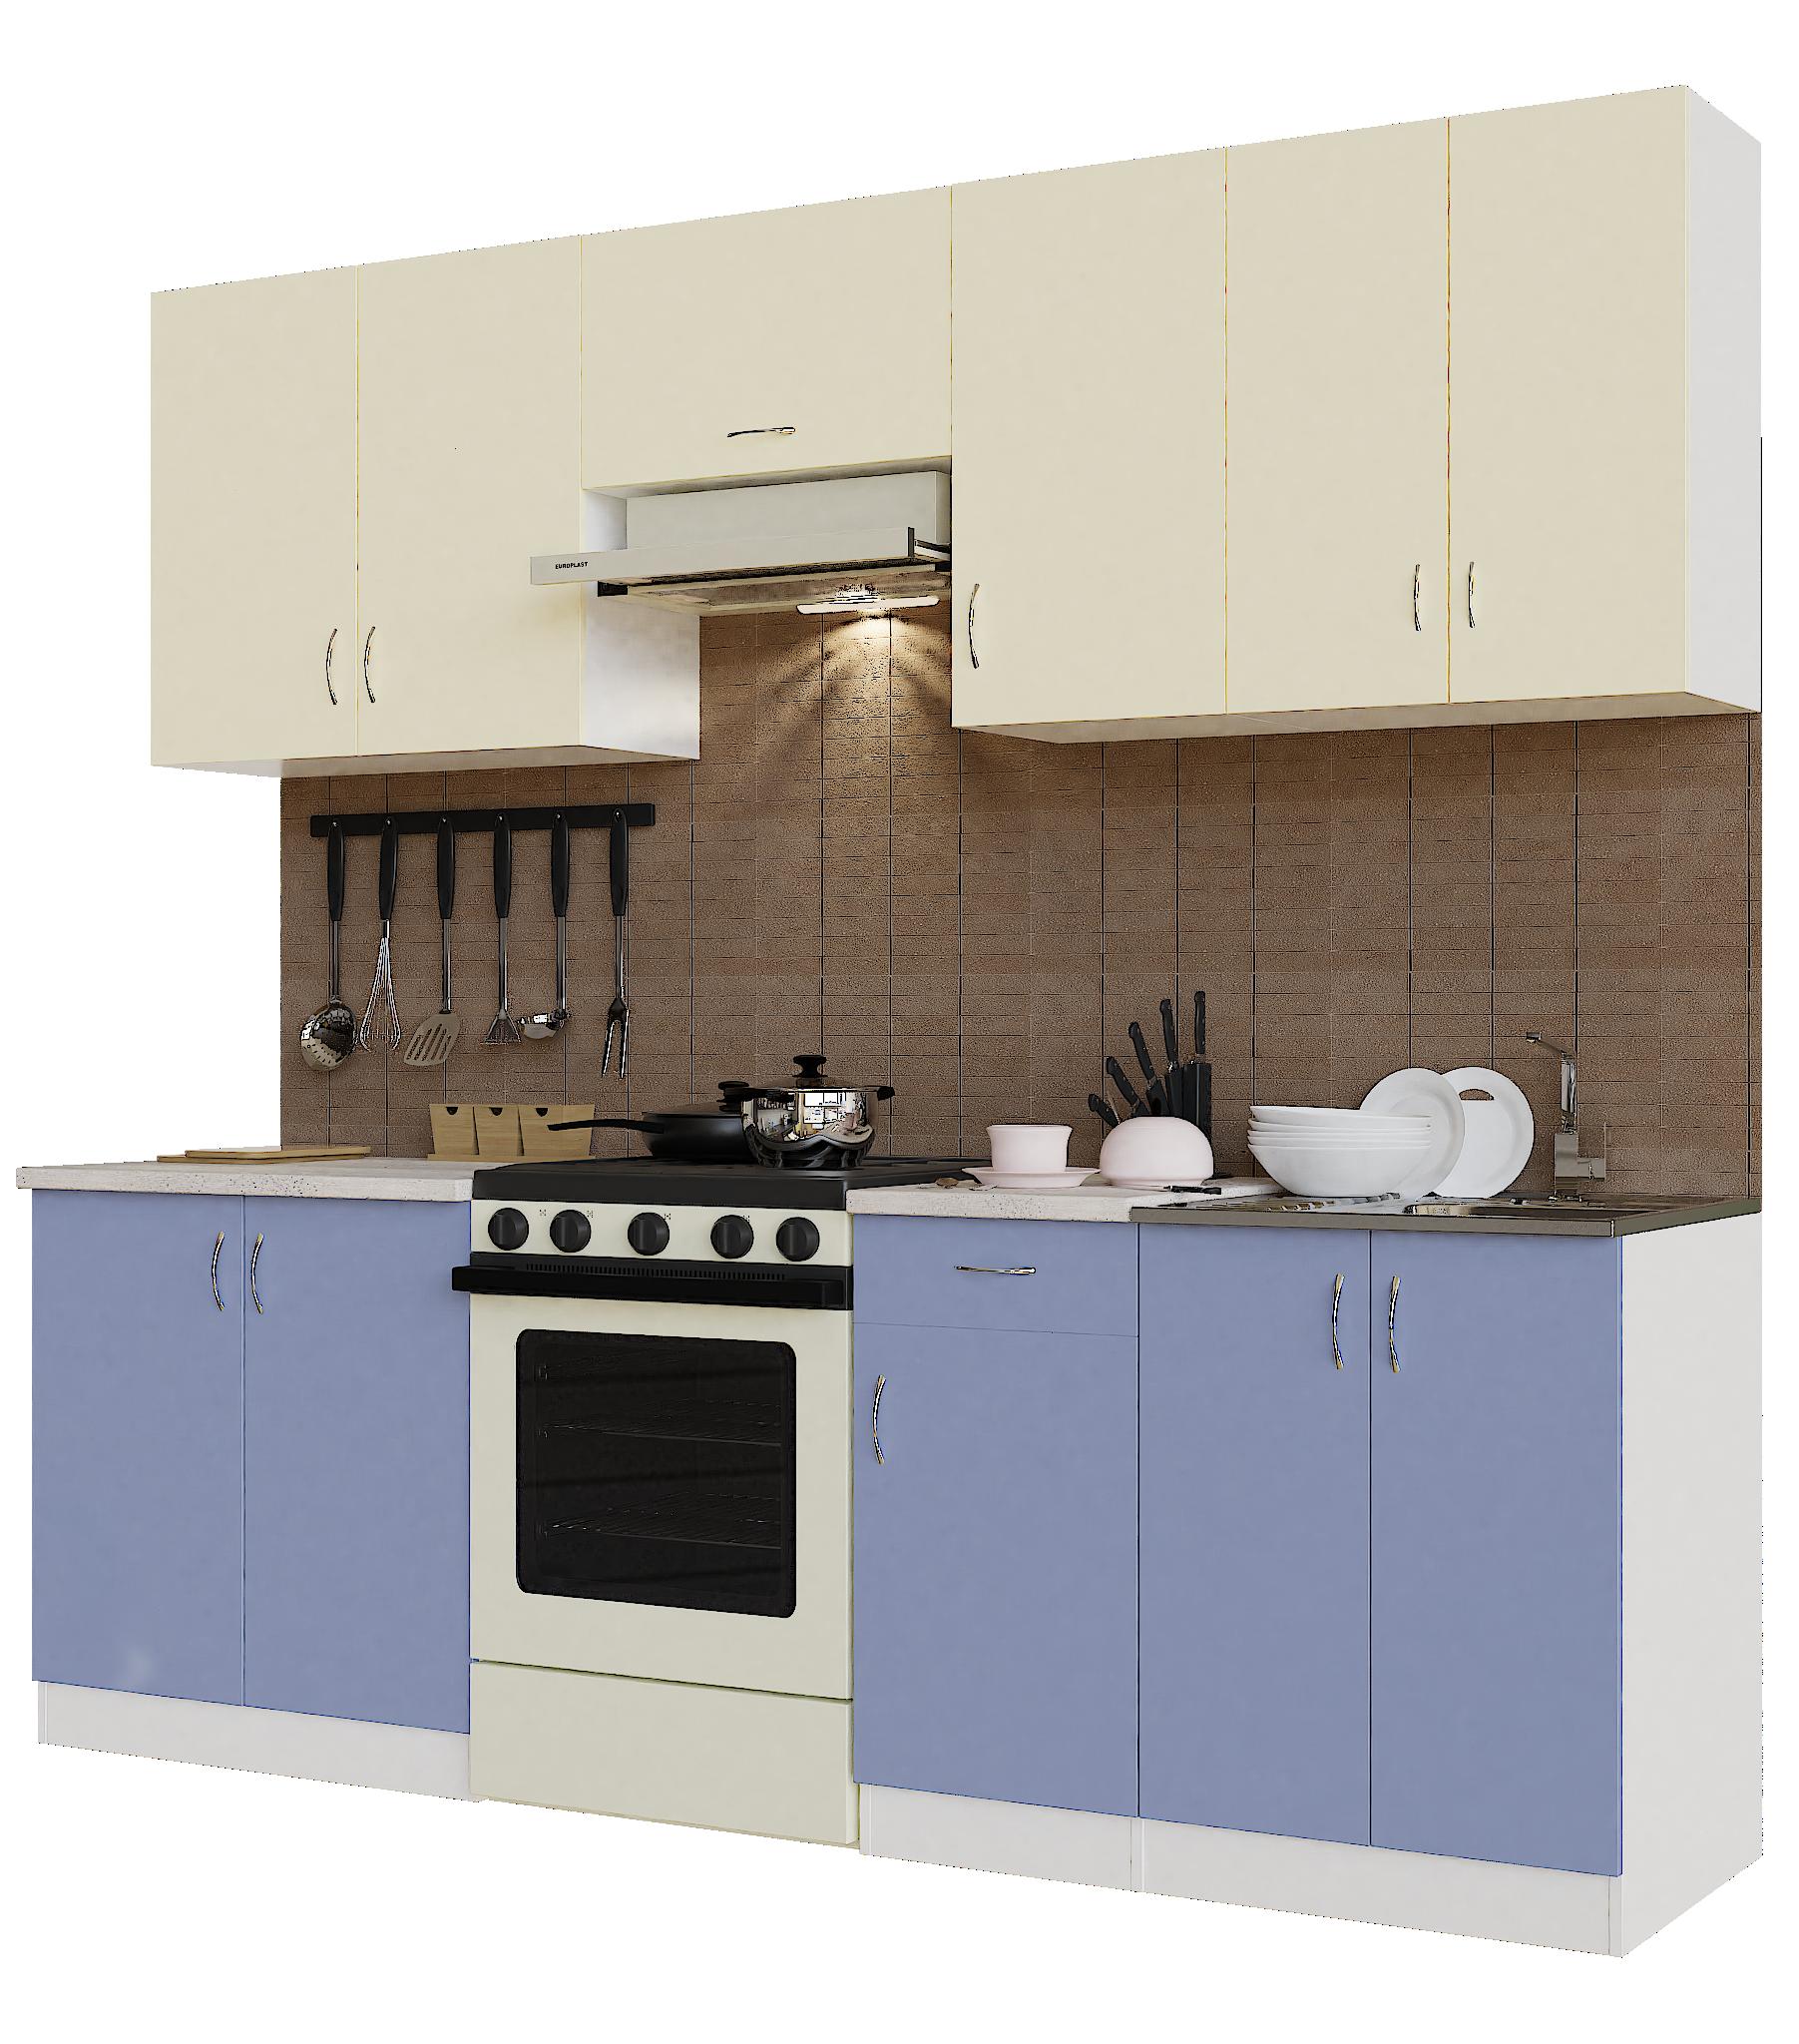 Кухонный гарнитур Sanvut ГК2400-5.6_9.2 Белый / Крем / Лаванда (гренобль)